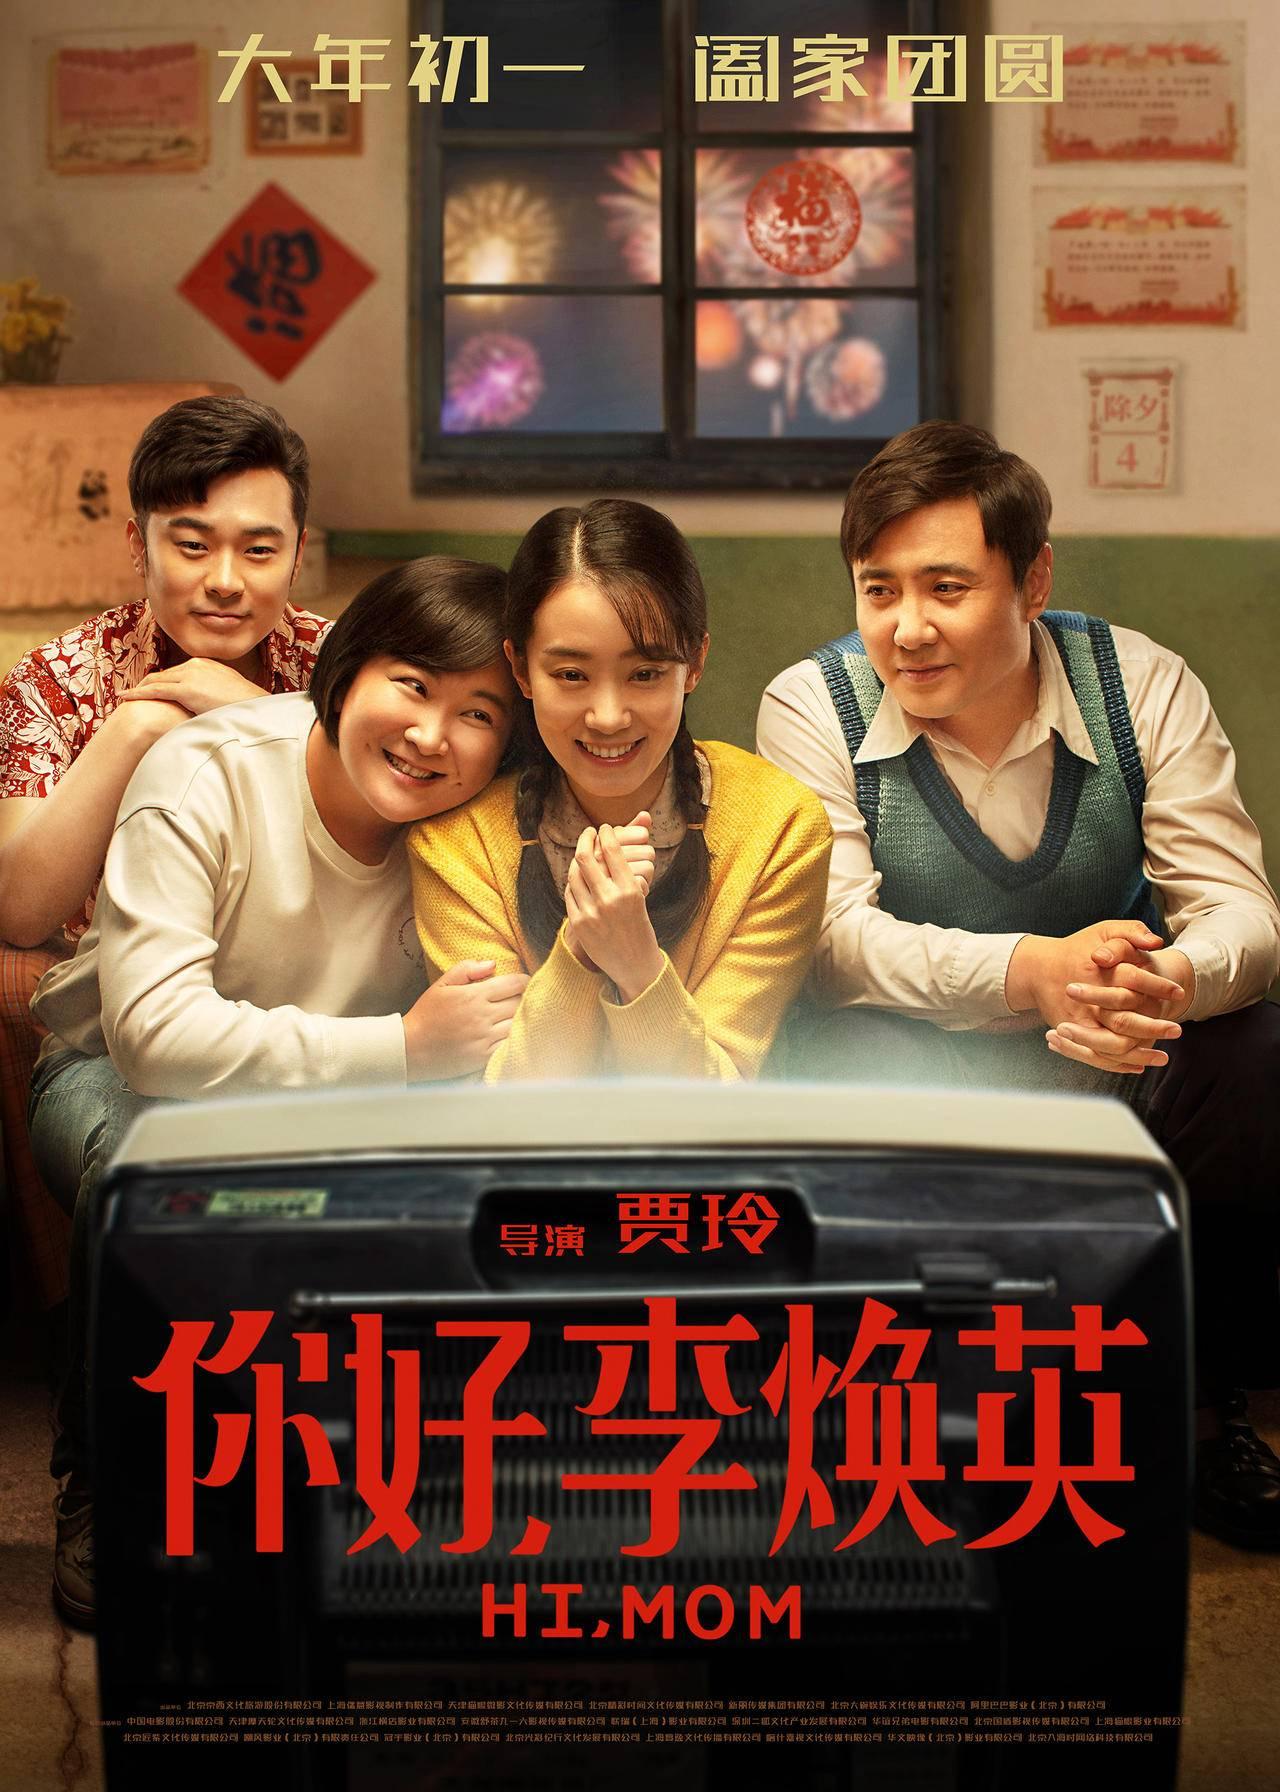 《复联4》被反超!中国影史票房前五被国产片包揽